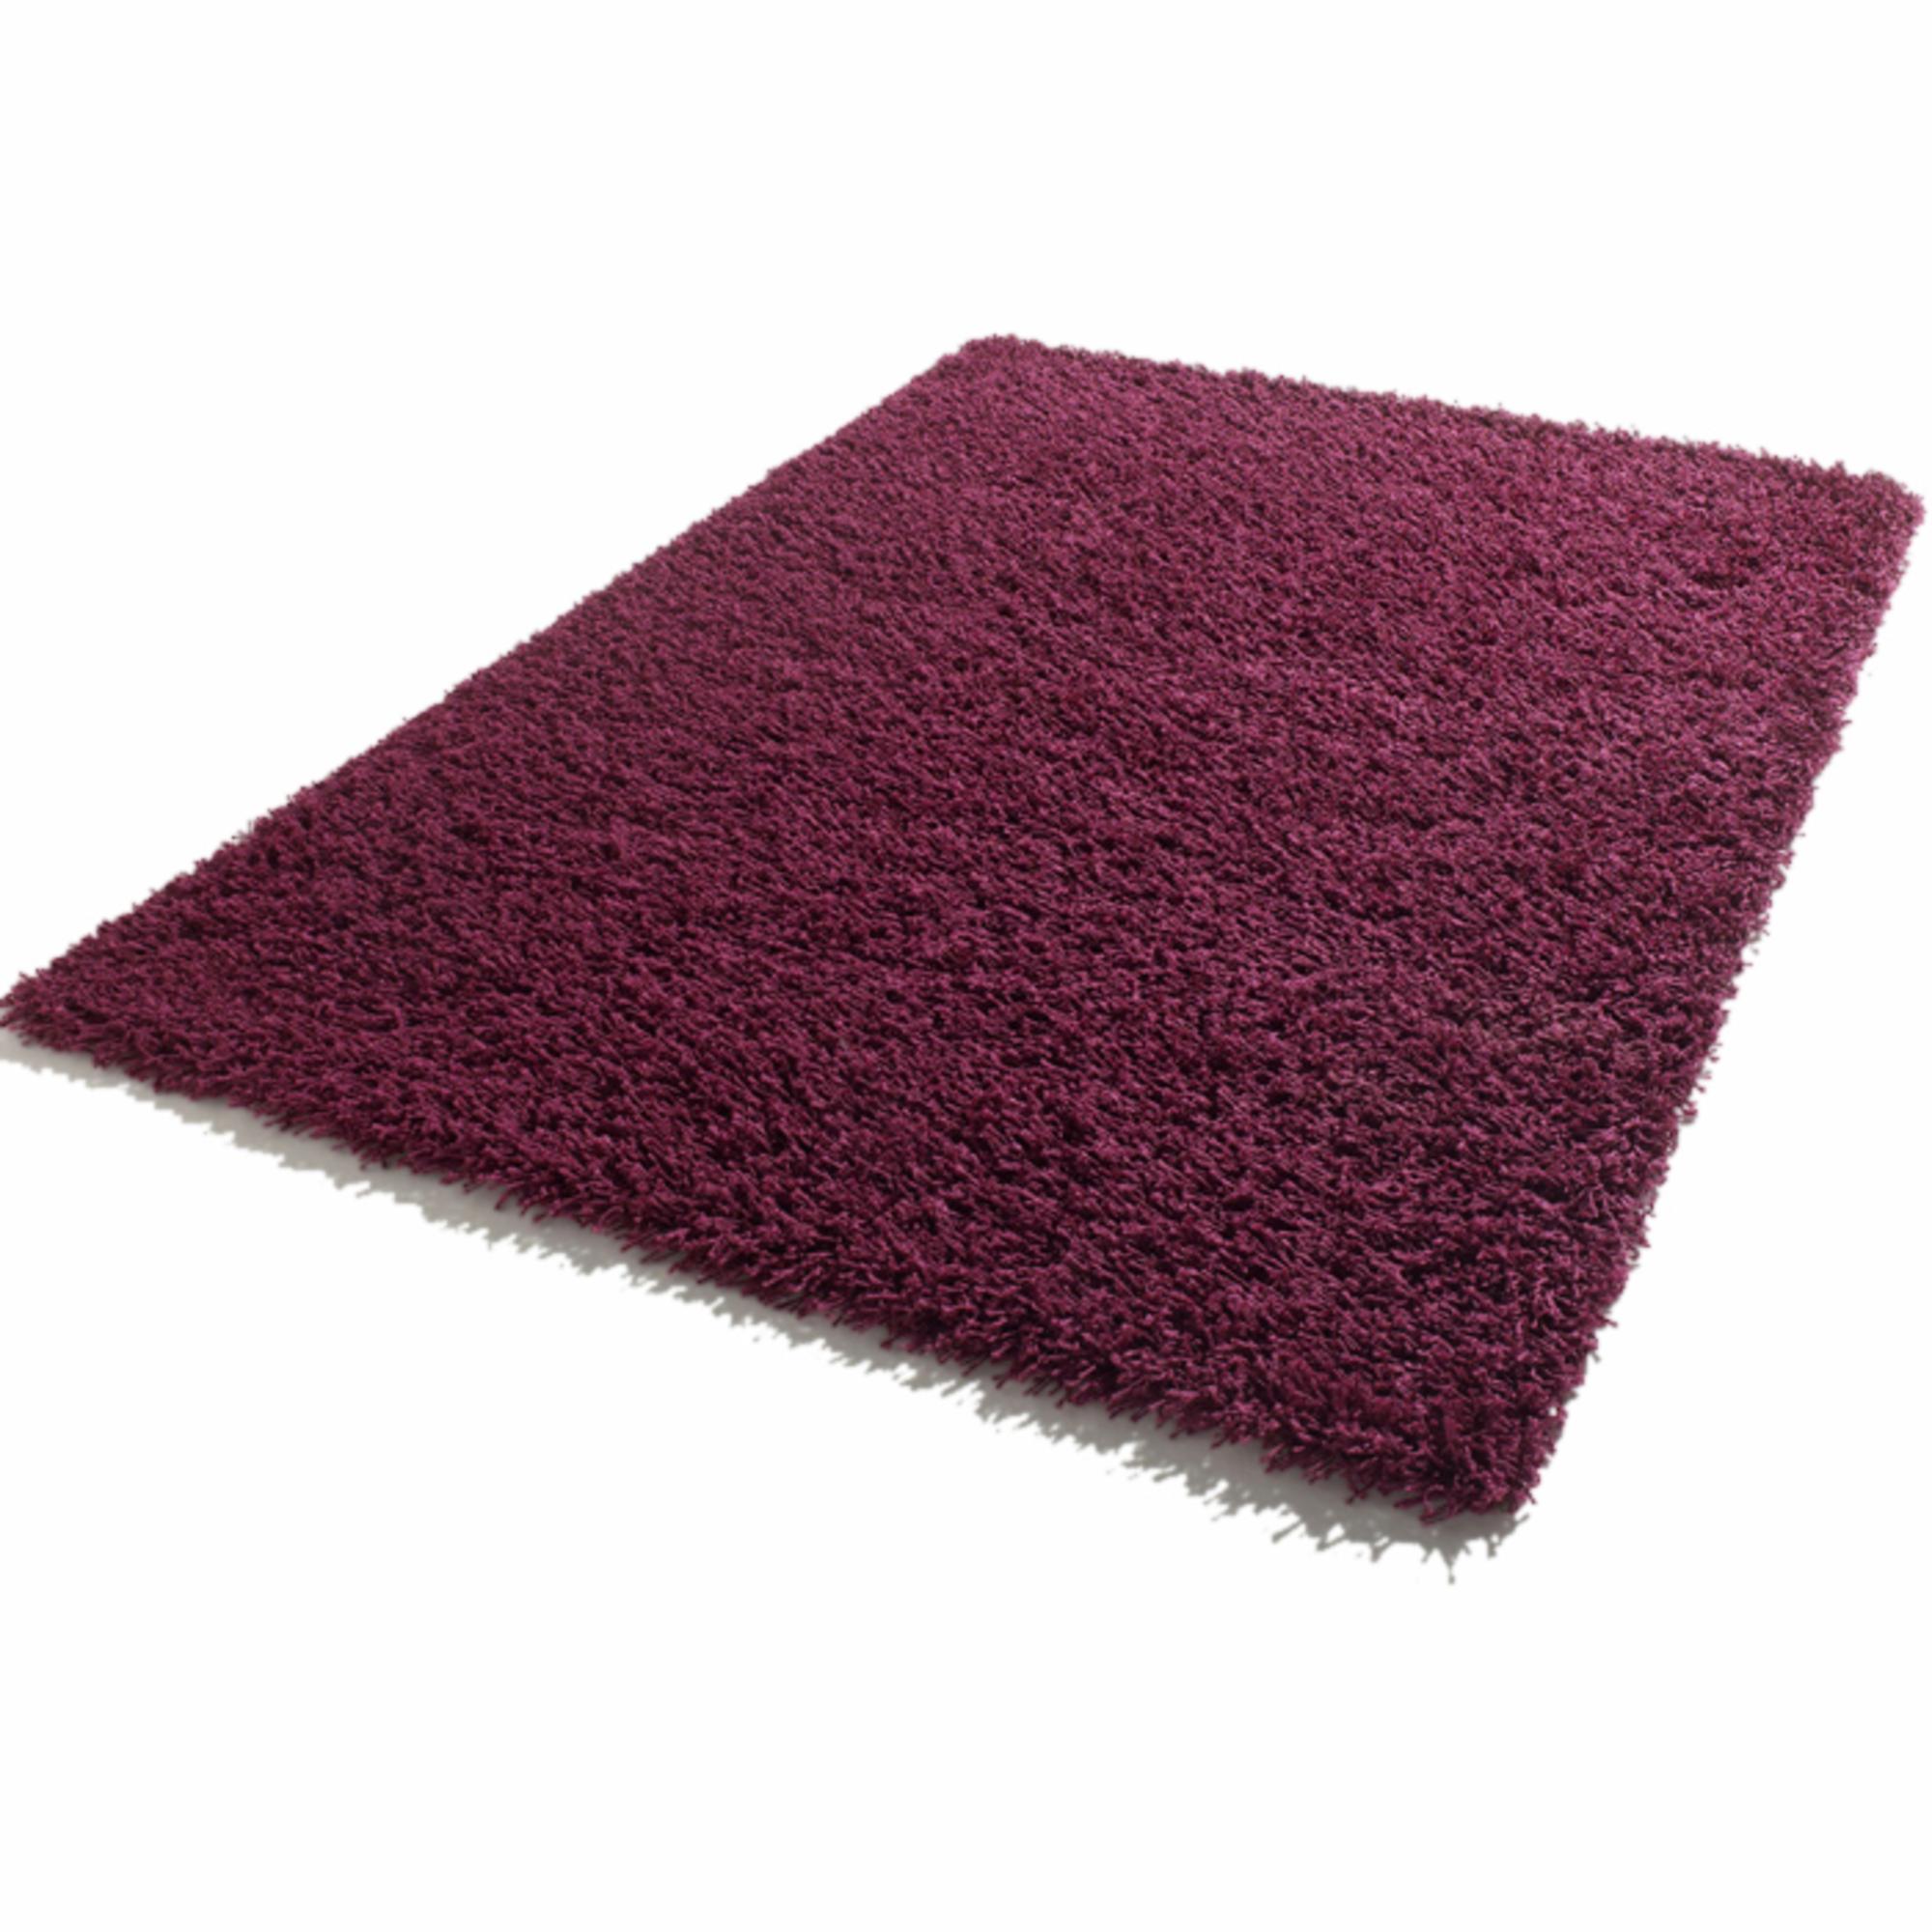 tapis longues m ches 120 x 170 cm shaggy prune frais de traitement de commande offerts. Black Bedroom Furniture Sets. Home Design Ideas